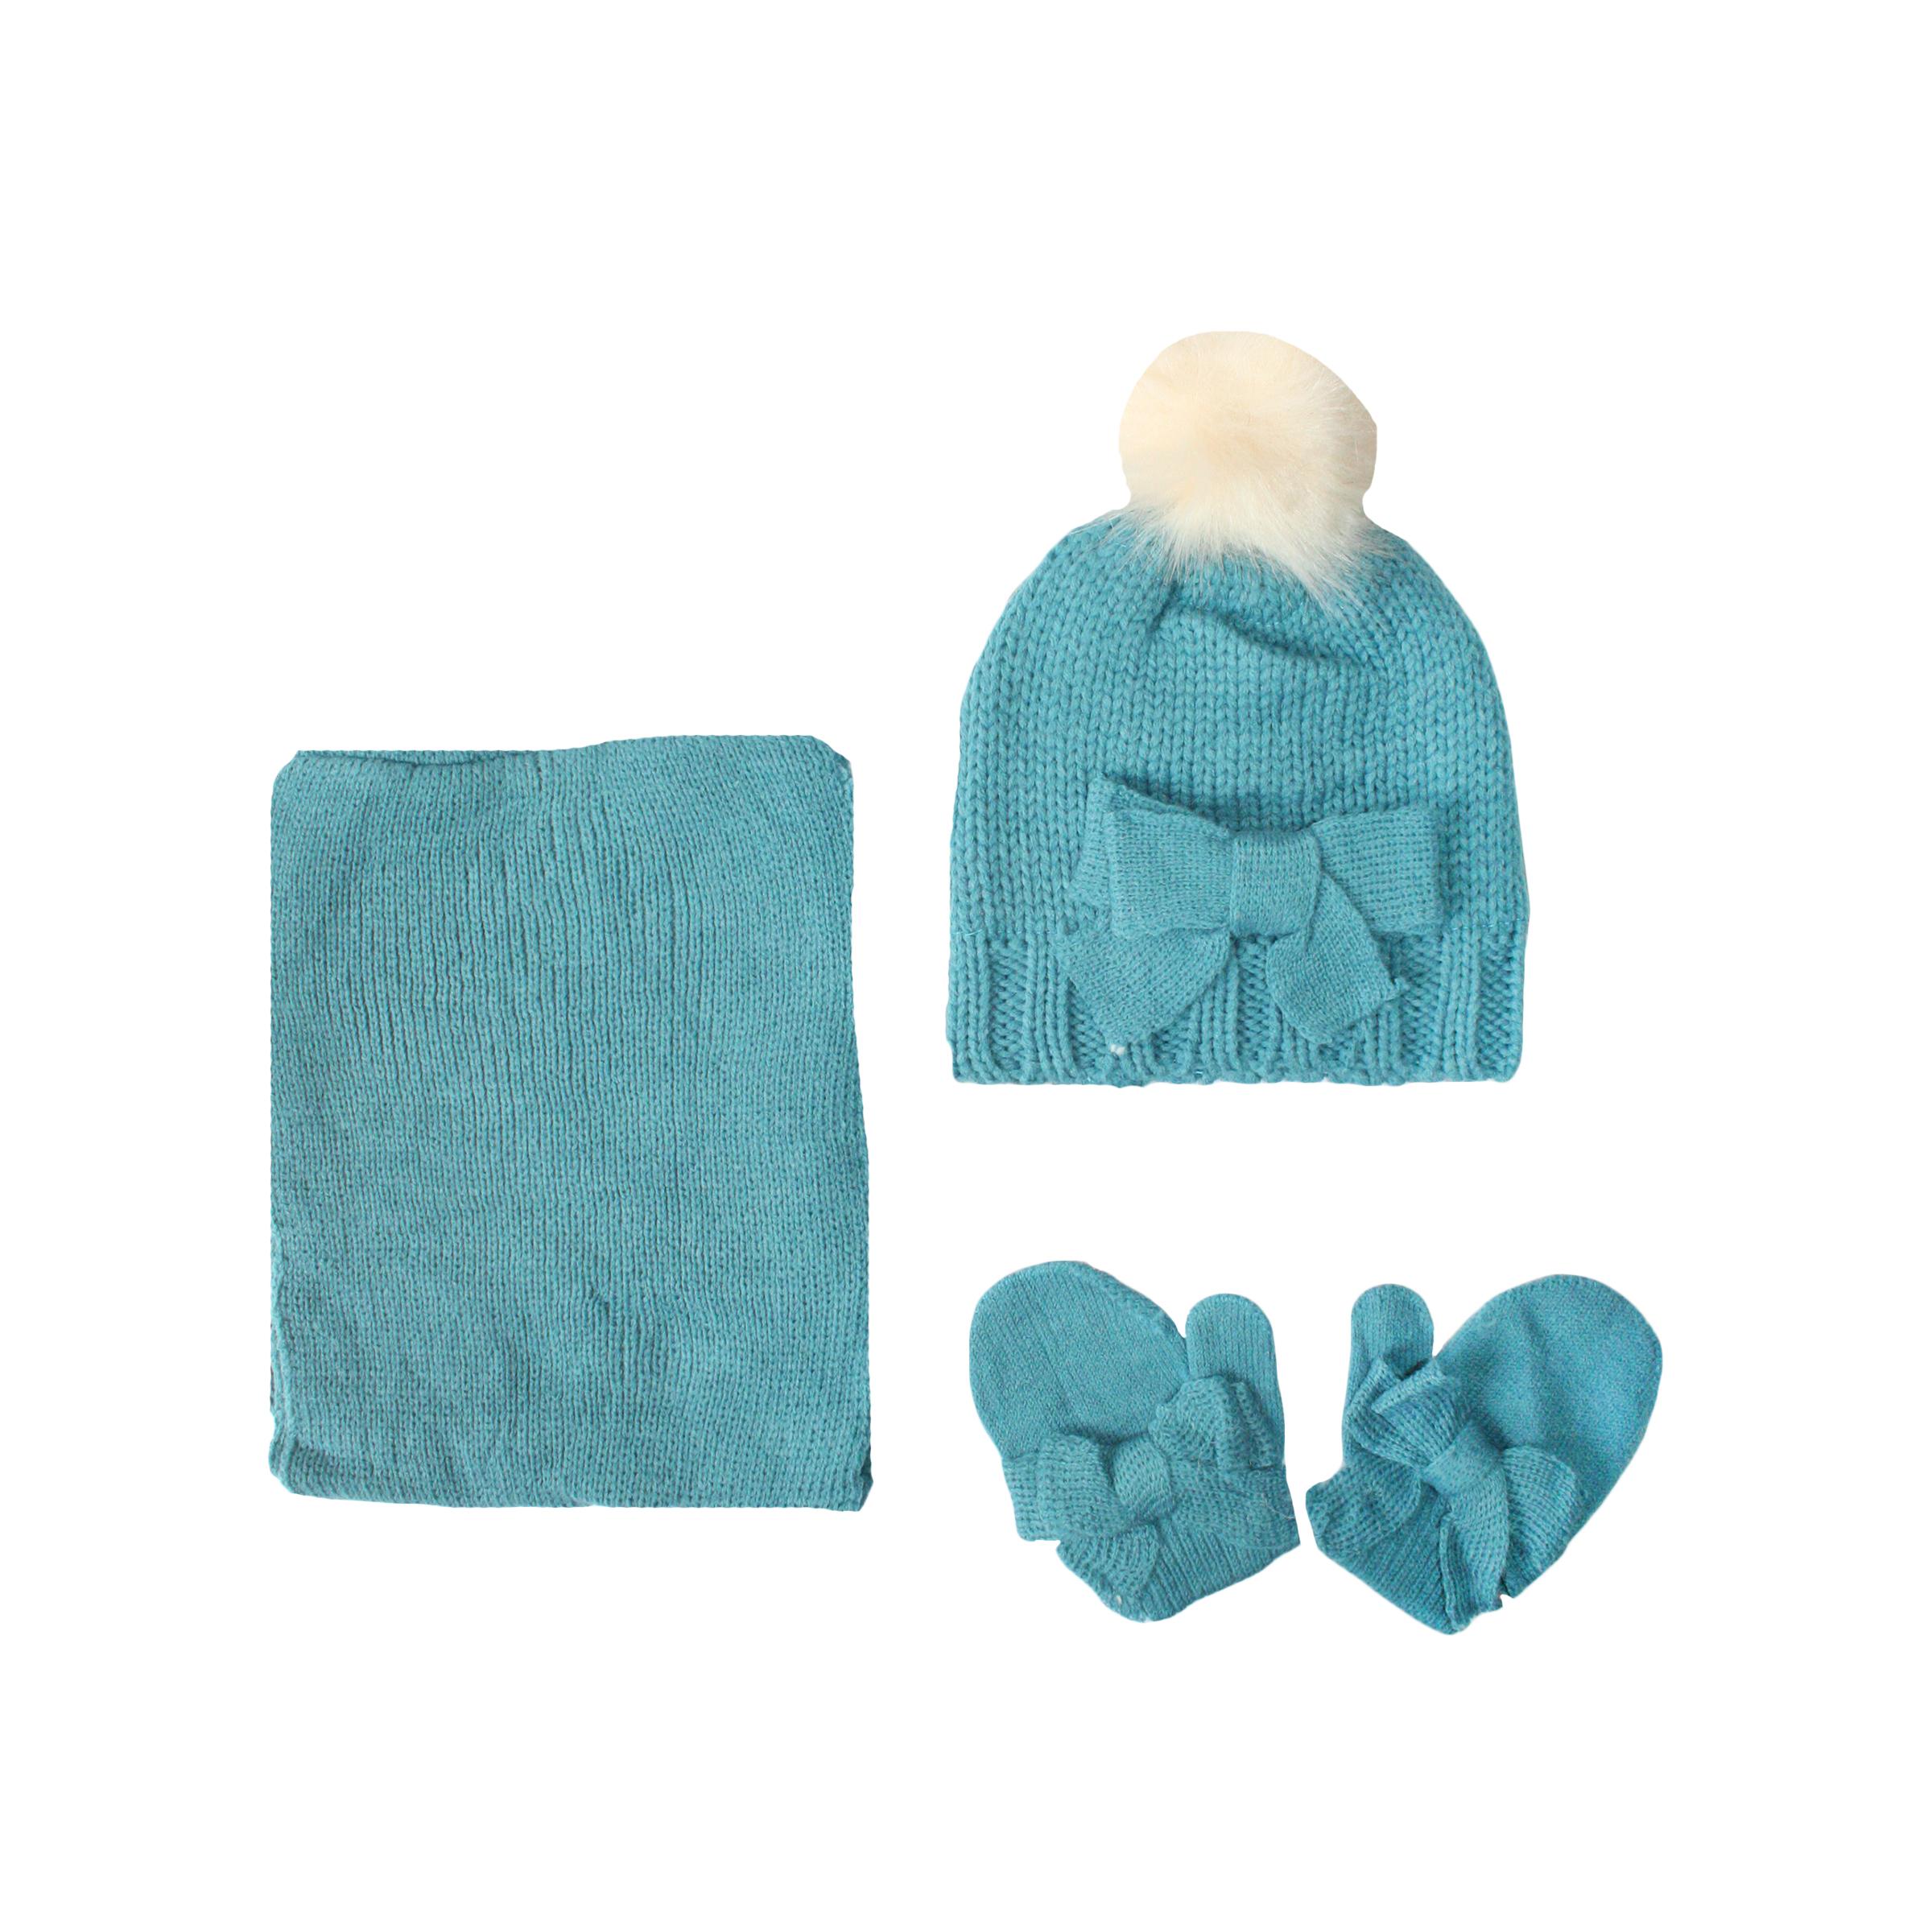 ست کلاه و شال گردن و دستکش بافتنی نوزادی دخترانه کد 550